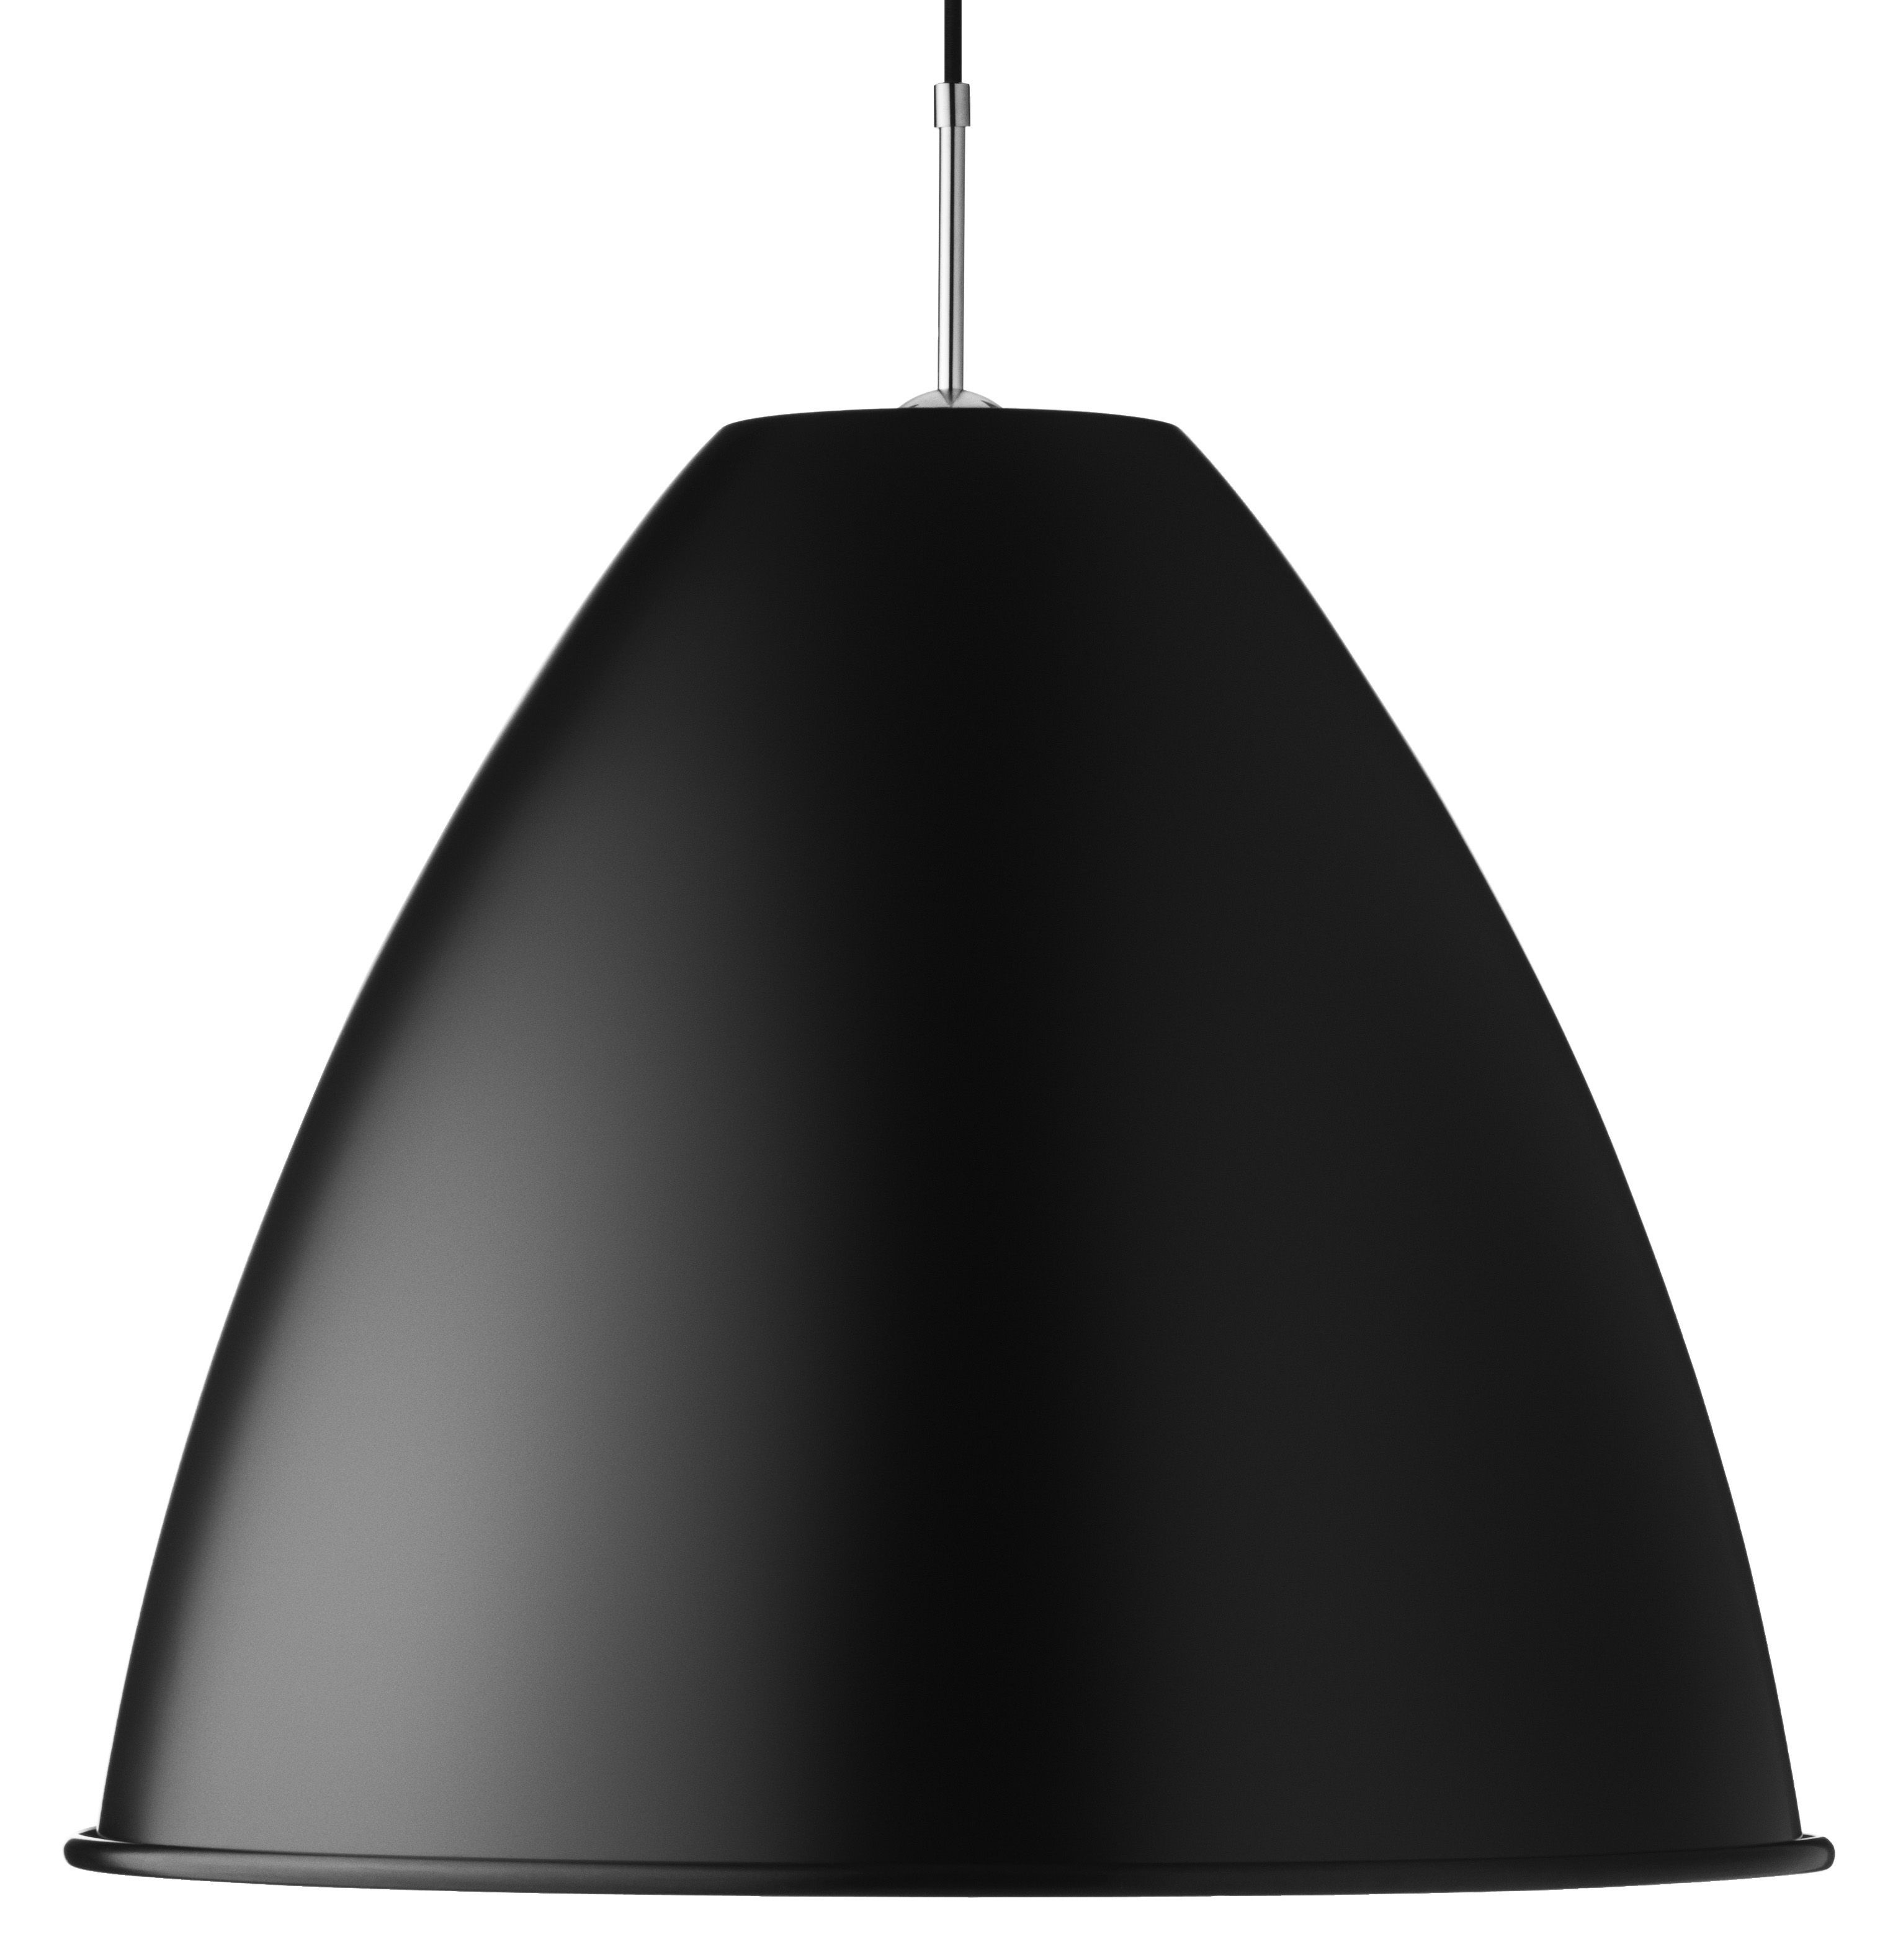 Lighting - Pendant Lighting - Bestlite BL9 XL Pendant - Ø 60 cm - Reissue 1930 by Gubi - Black - Chromed metal